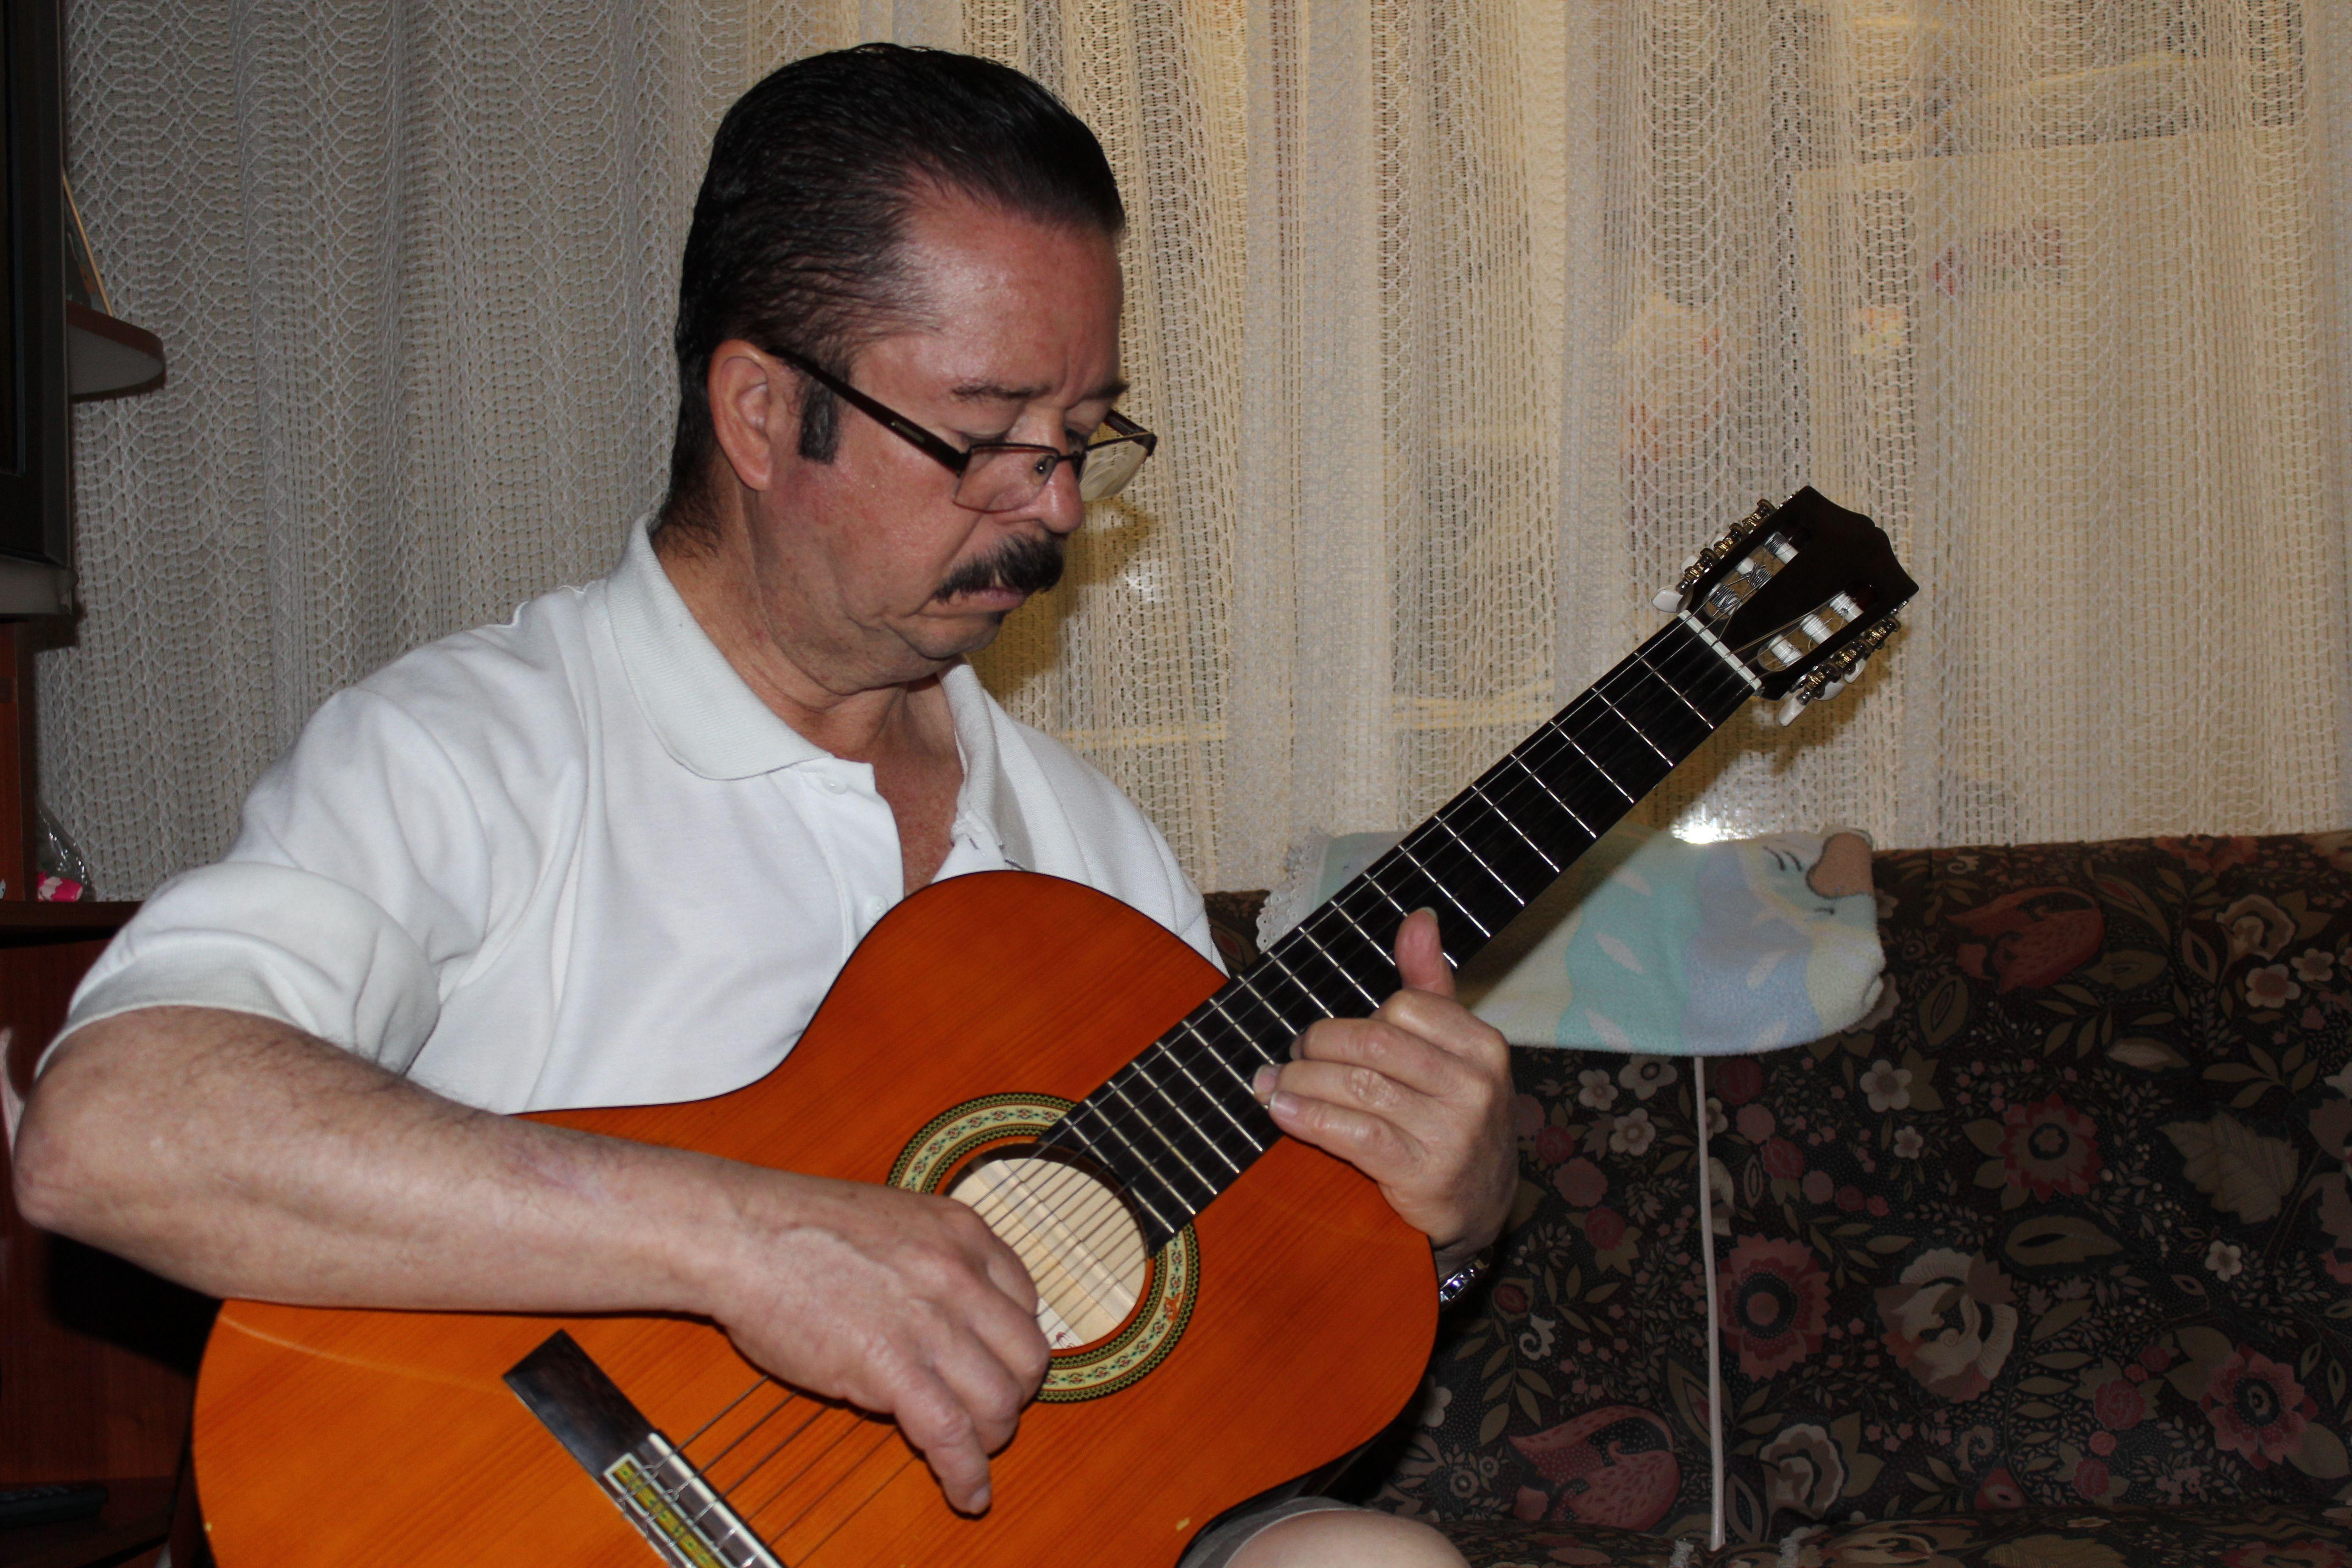 Llora guitarra porque eres mi voz de dolor.